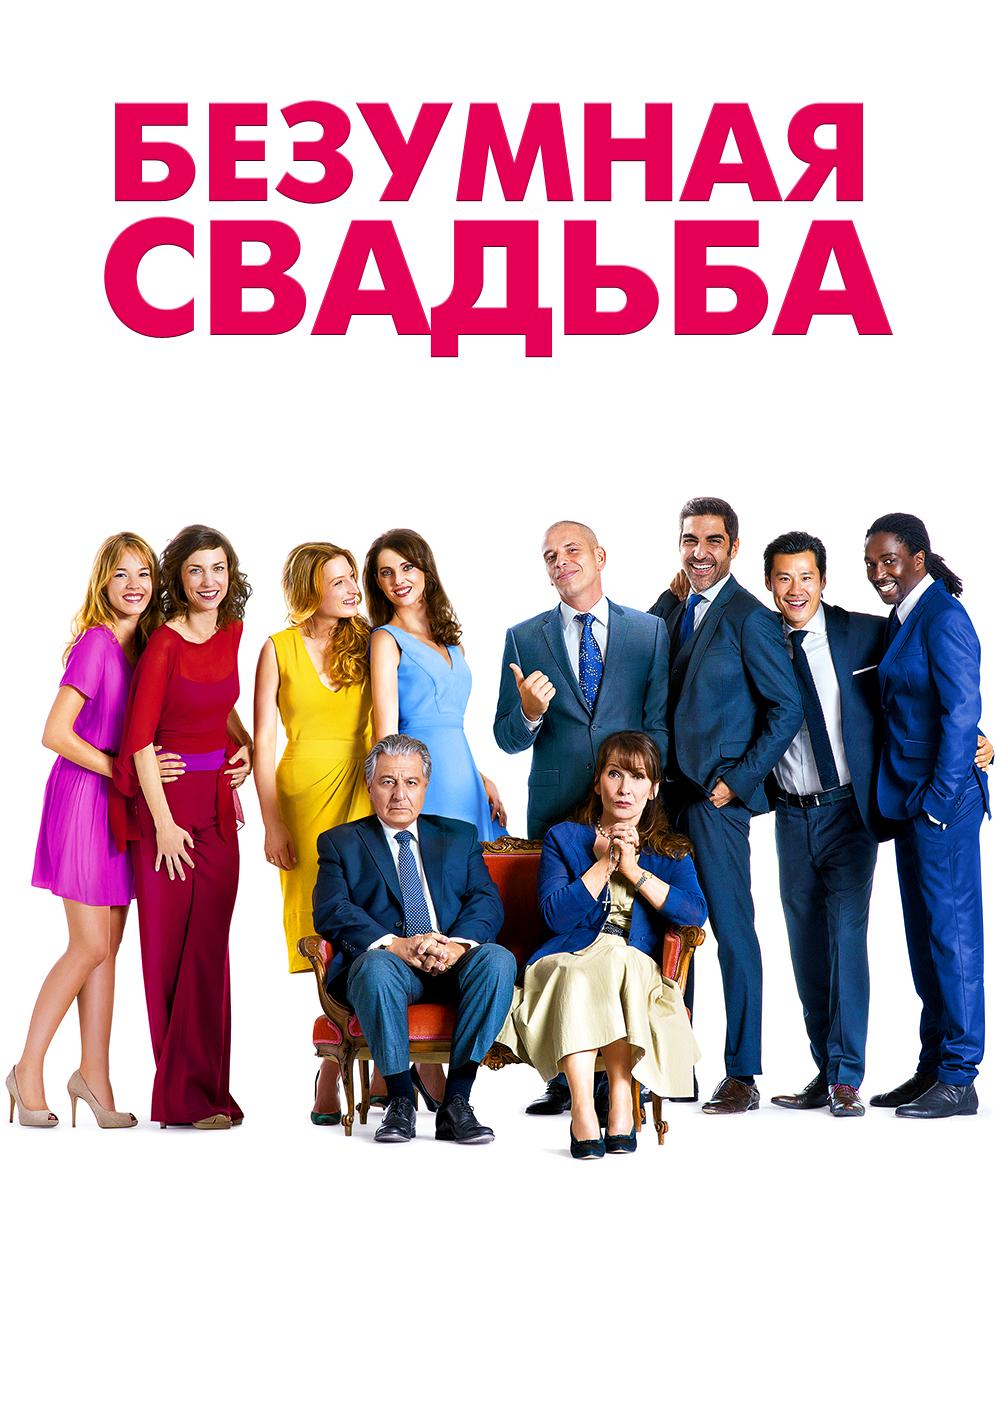 """Постер с главными героями фильма """"Безумная свадьба"""" (2014)"""